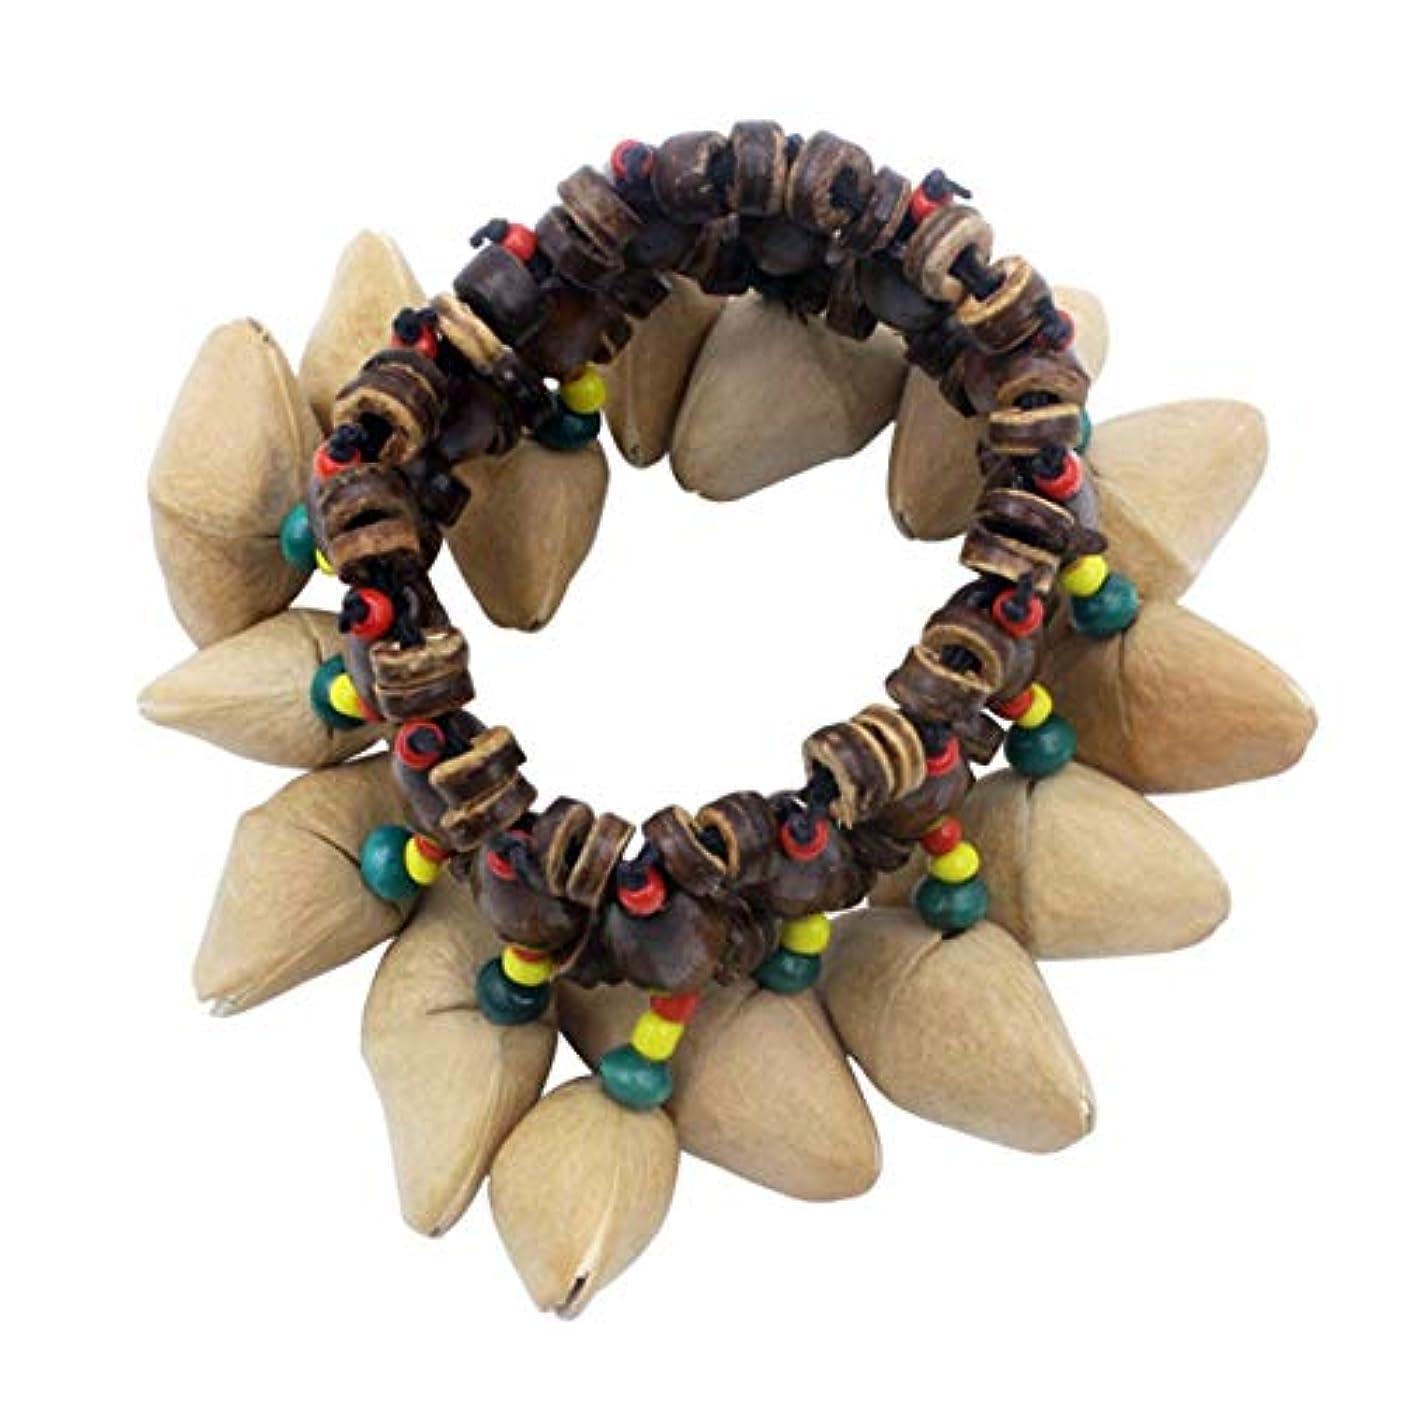 食料品店他のバンドで中でDora Nutshell African Drum Hand Bell Drum Musical Instrument Bell Accessories-Wood Color